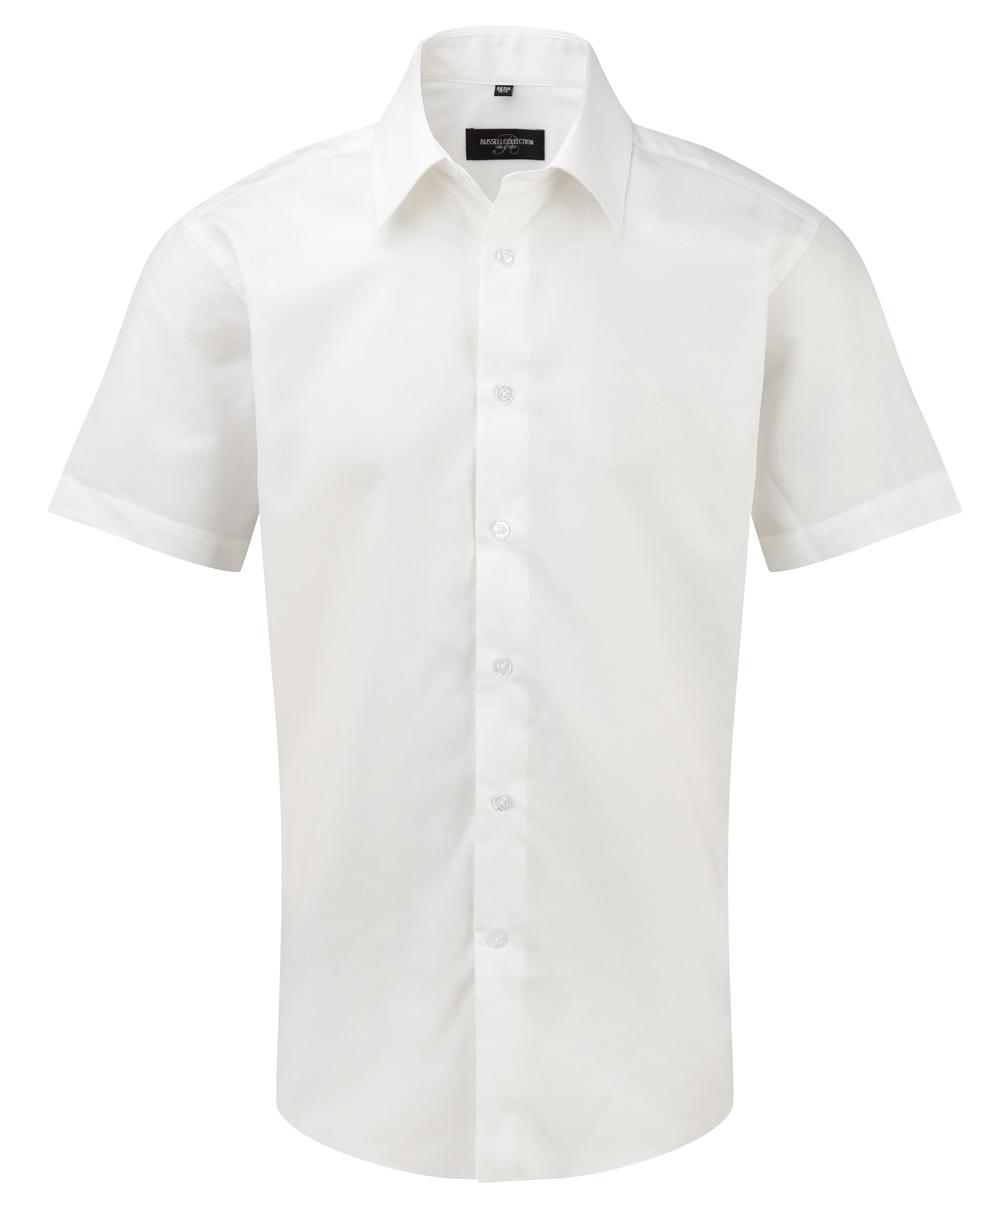 Oxford Hemd kurzarm weiß